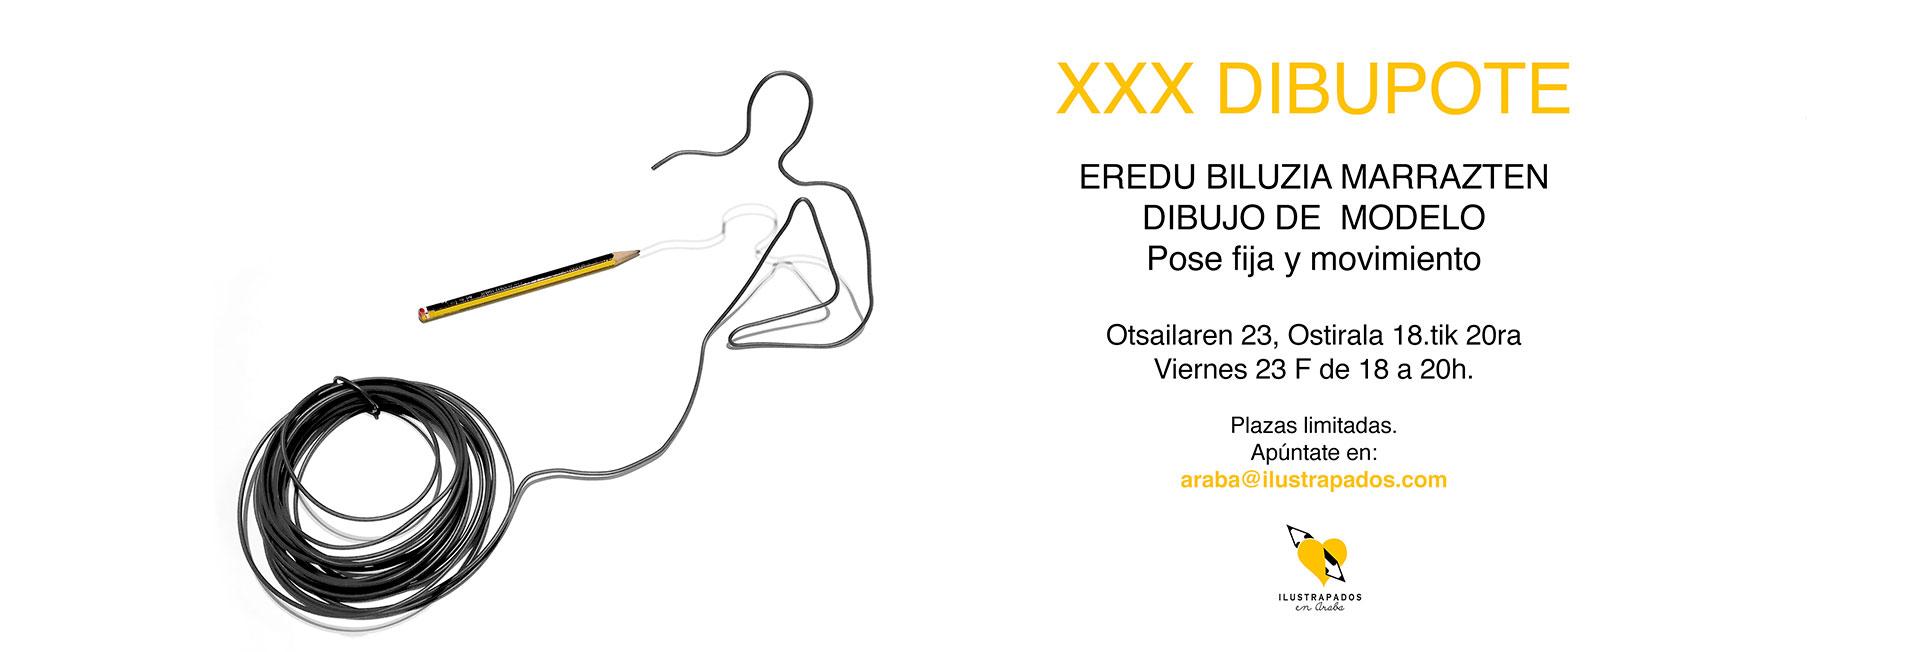 xxdibupote-horizontal